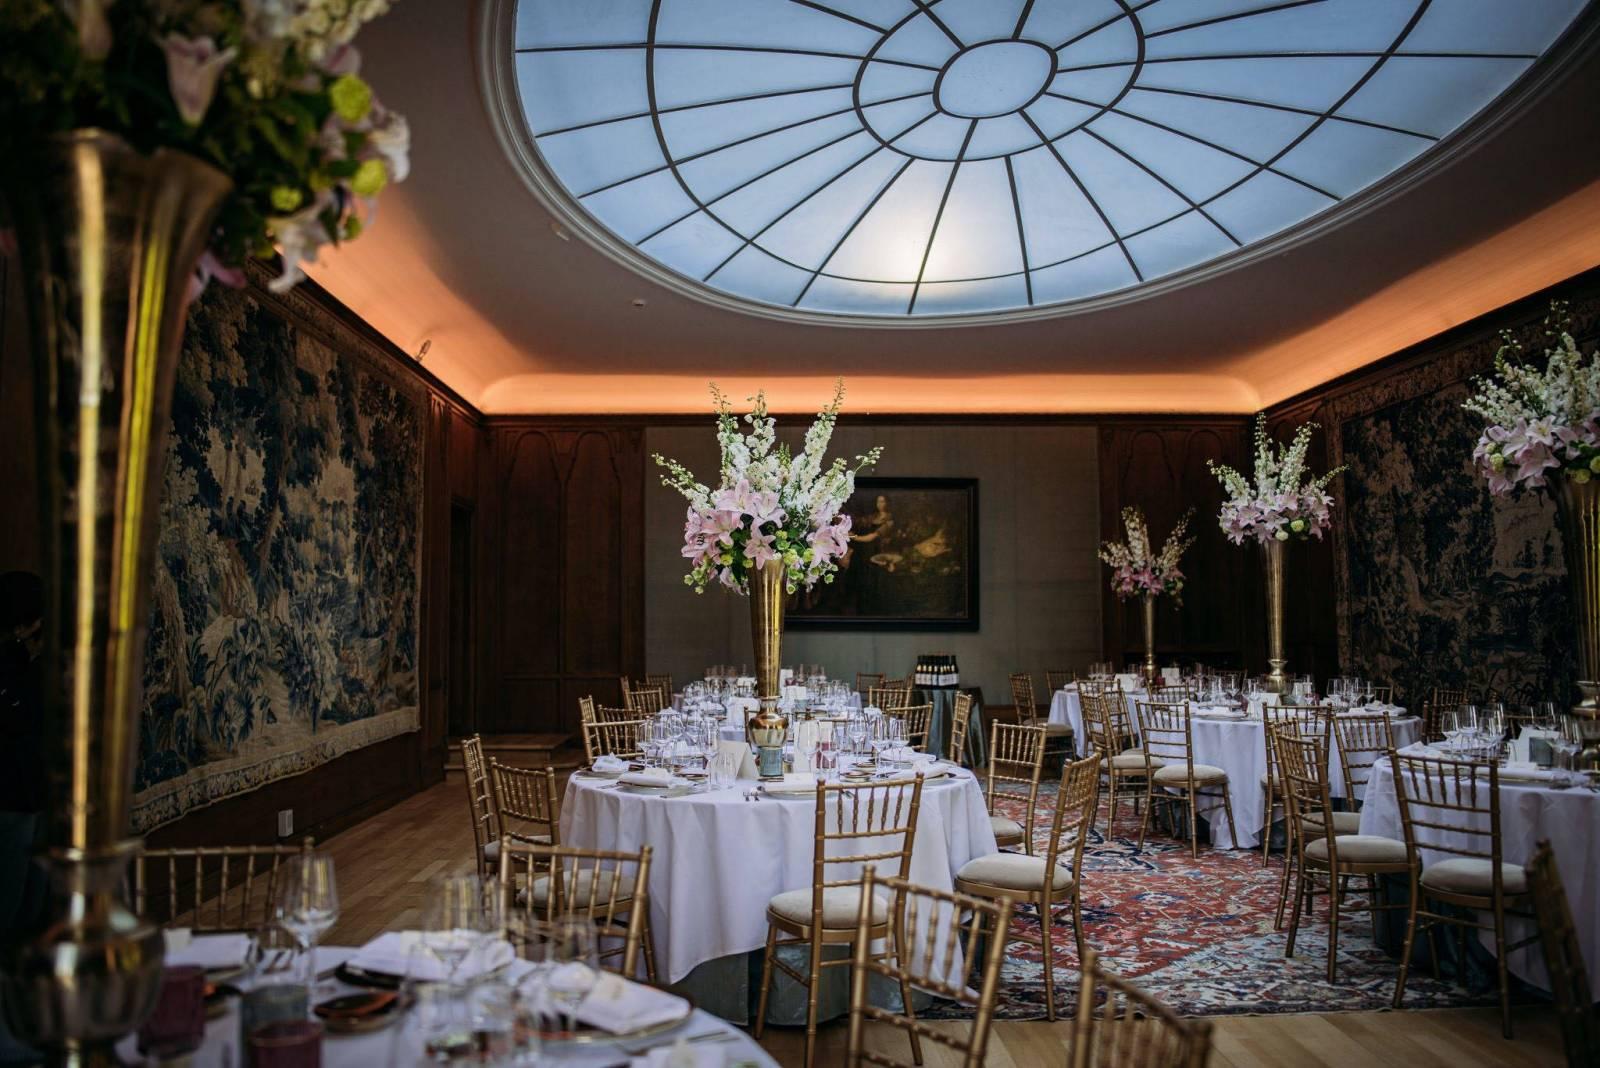 Gastronomie Nicolas - Catering - Traiteur - Trouw - Huwelijk - Bruiloft - House of Events - 5